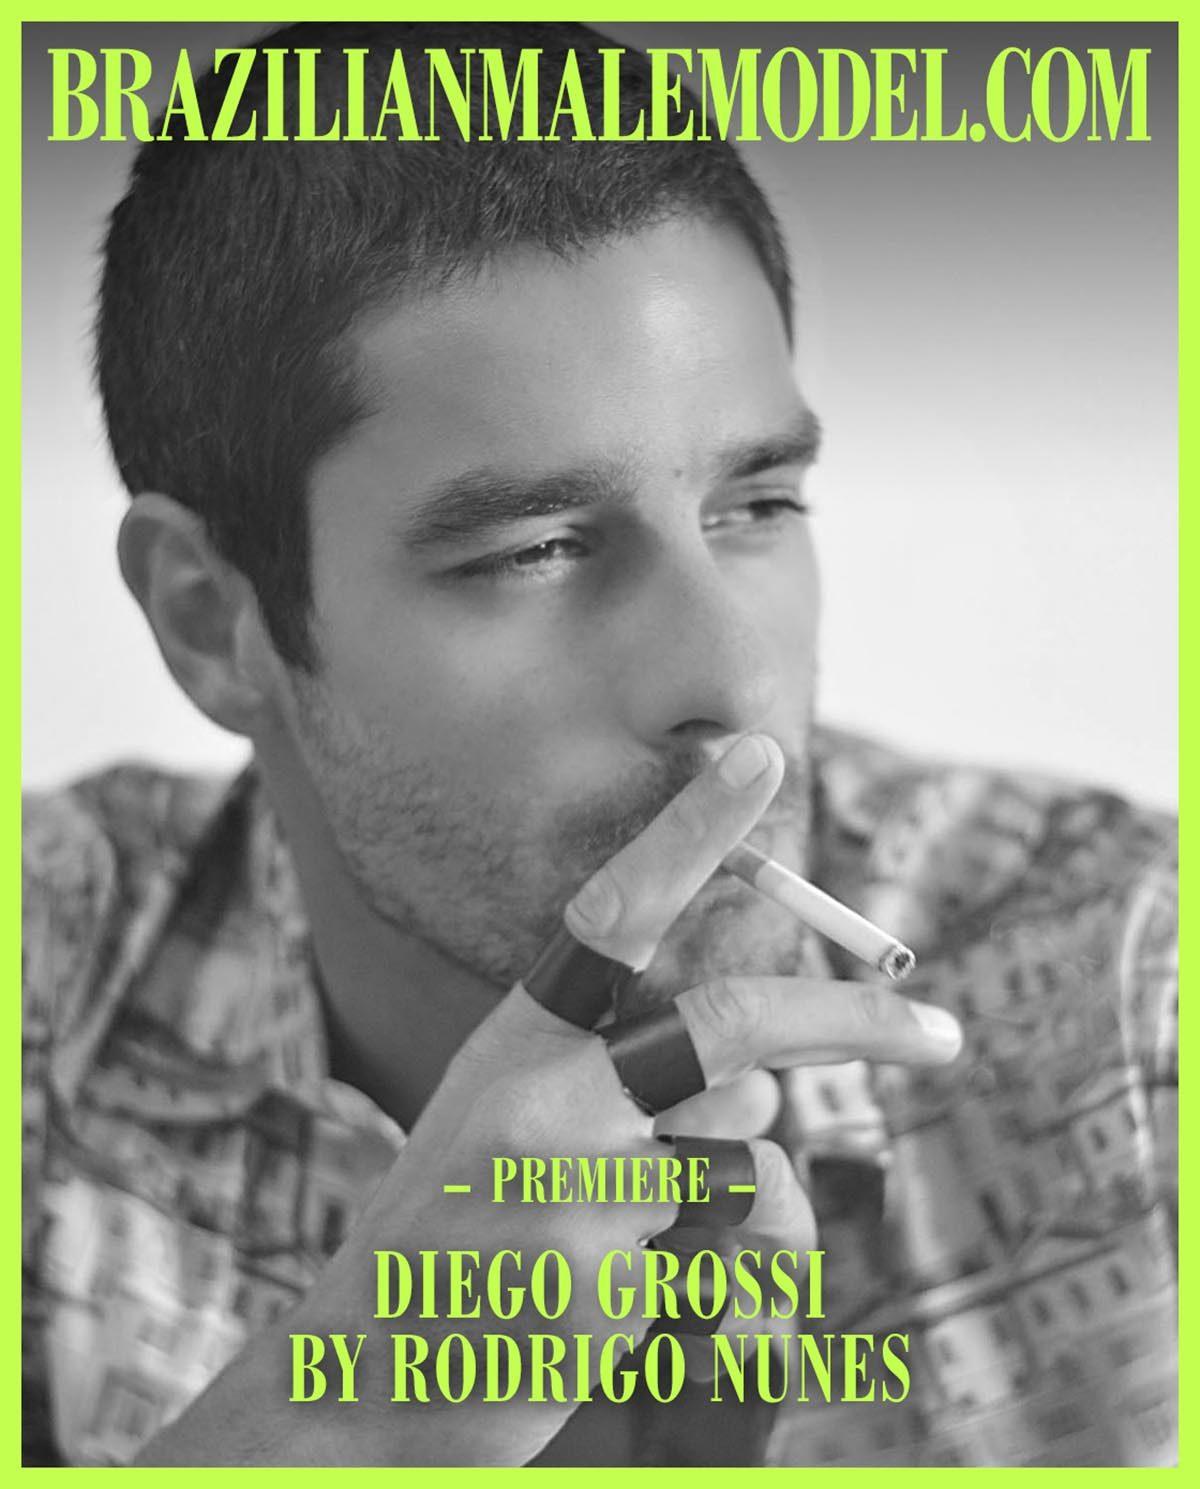 Diego Grossi by Rodrigo Nunes